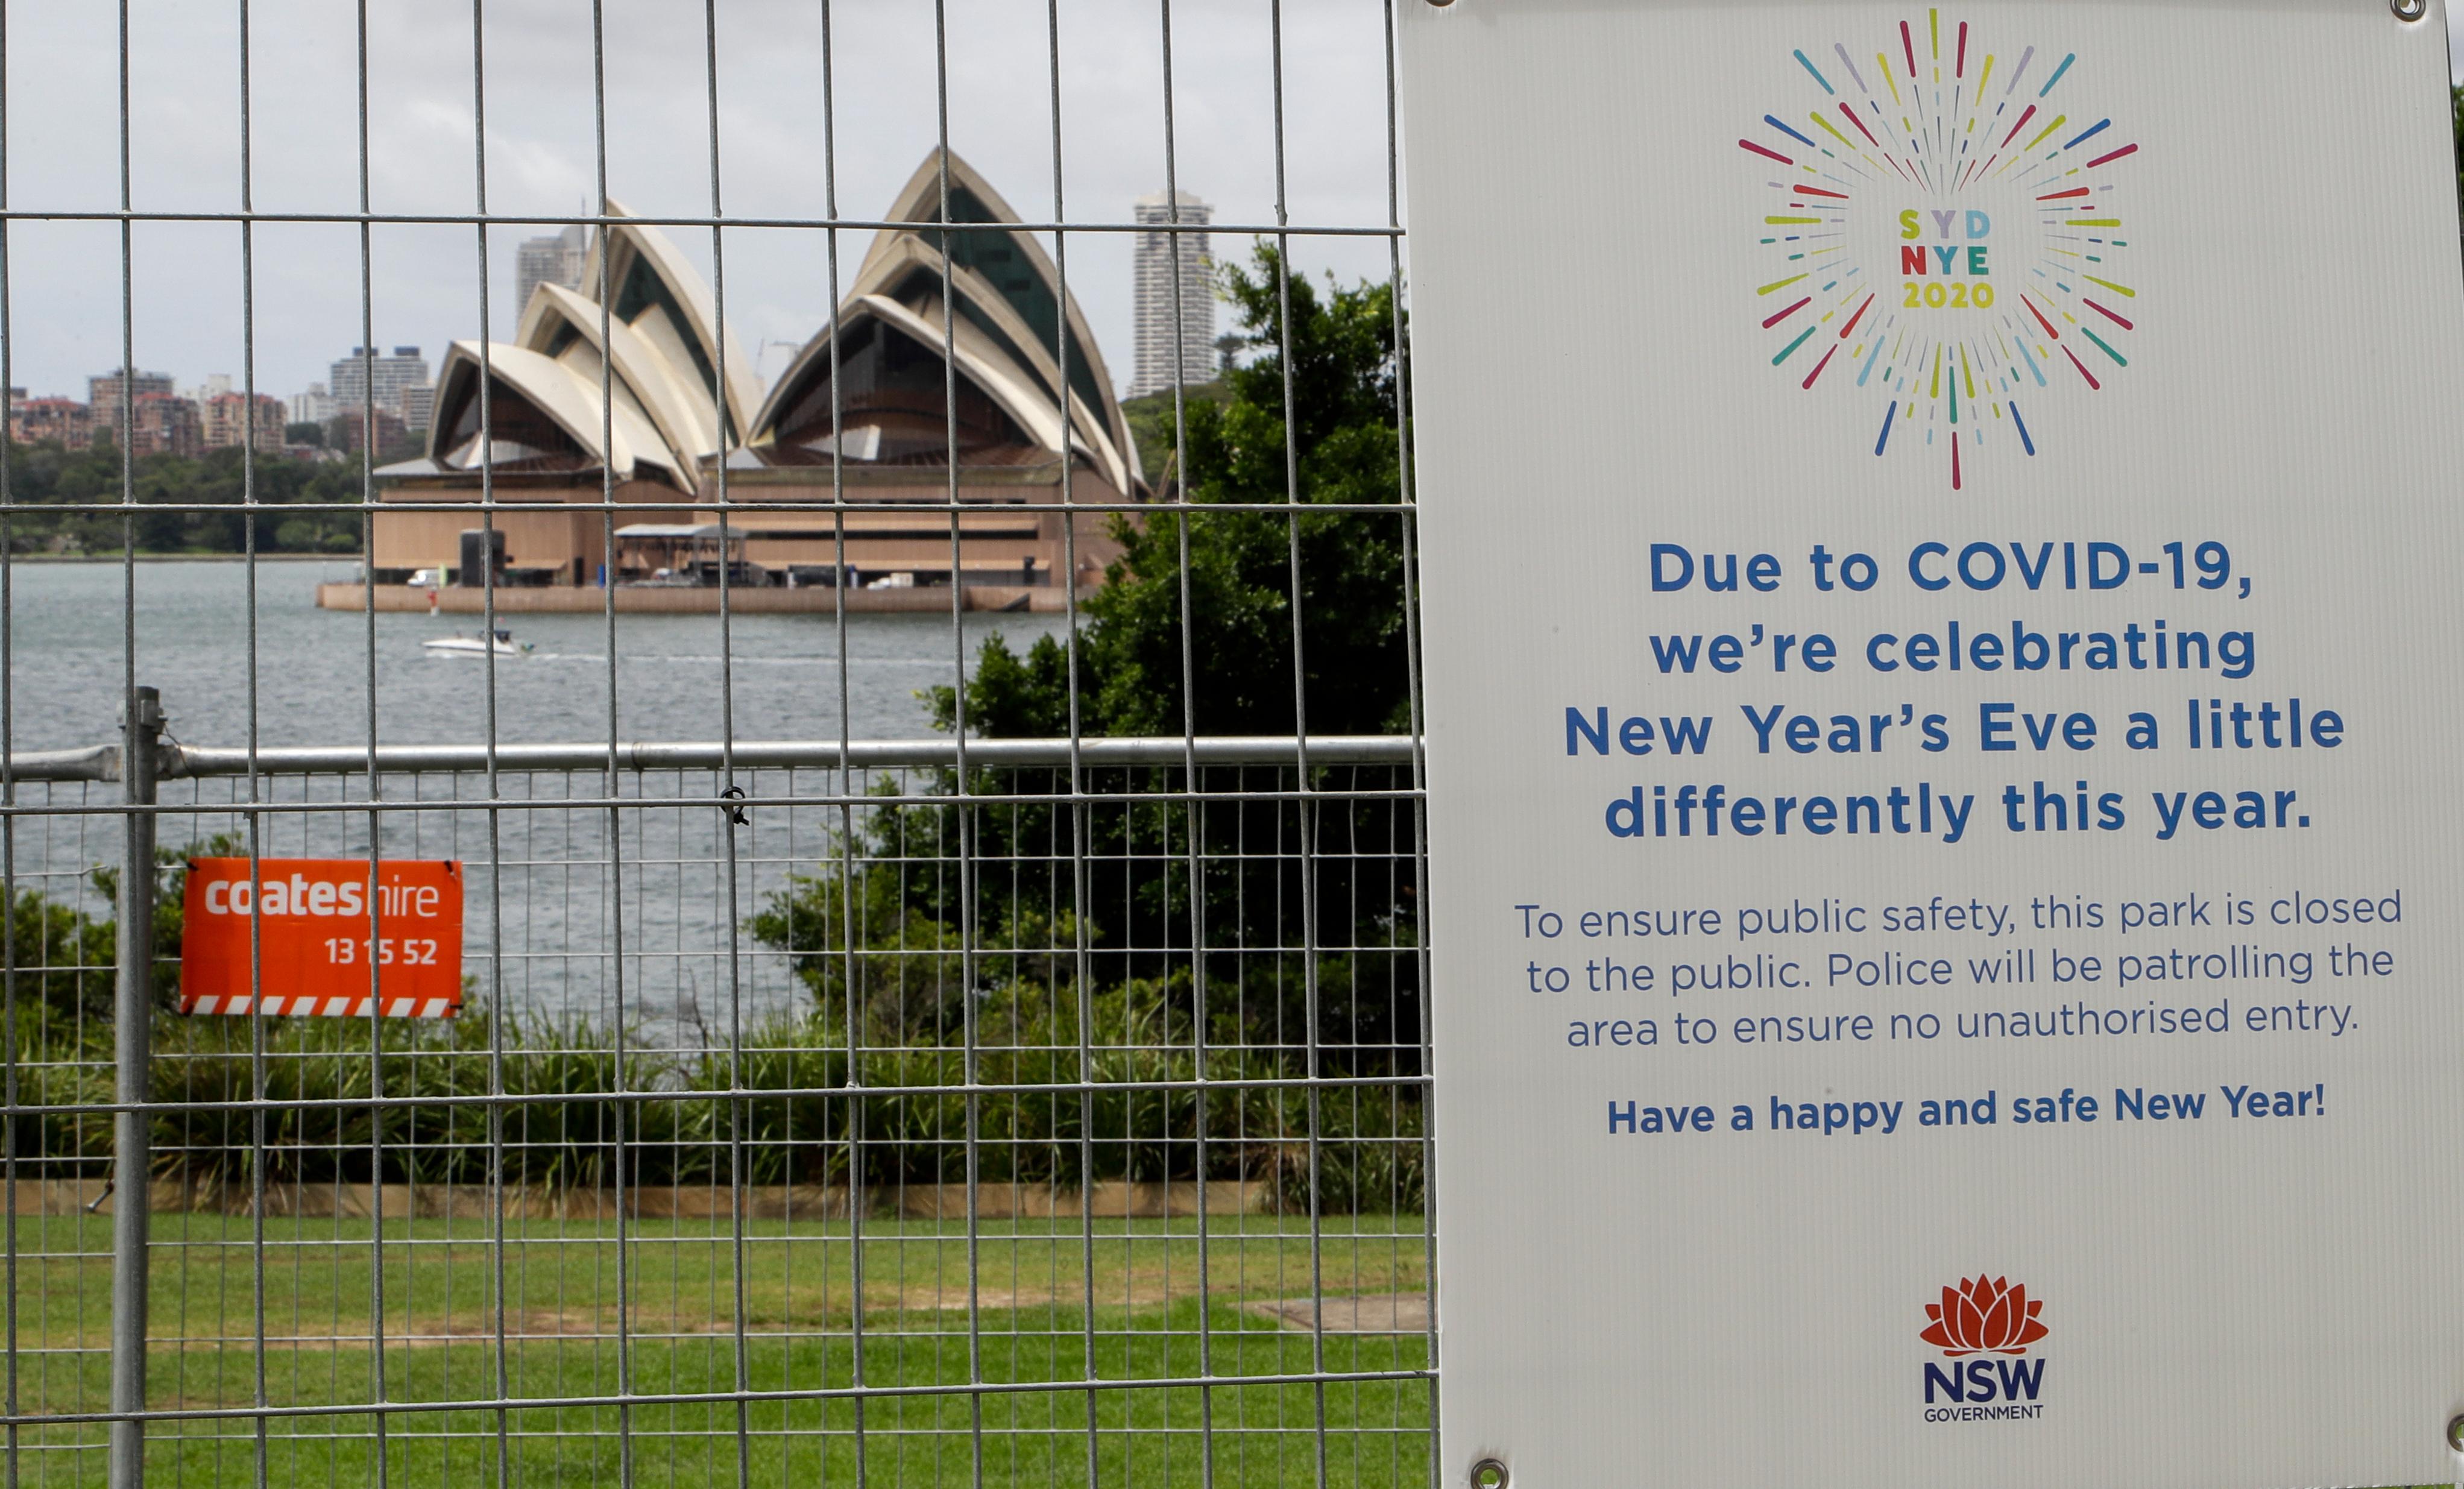 Πινακίδα στο λιμάνι του Σίδνεϊ ενημερώνει ότι οι φετινοί Πρωτοχρονιάτικοι εορτασμοί θα είναι φέτος «λίγο διαφορετικοί»